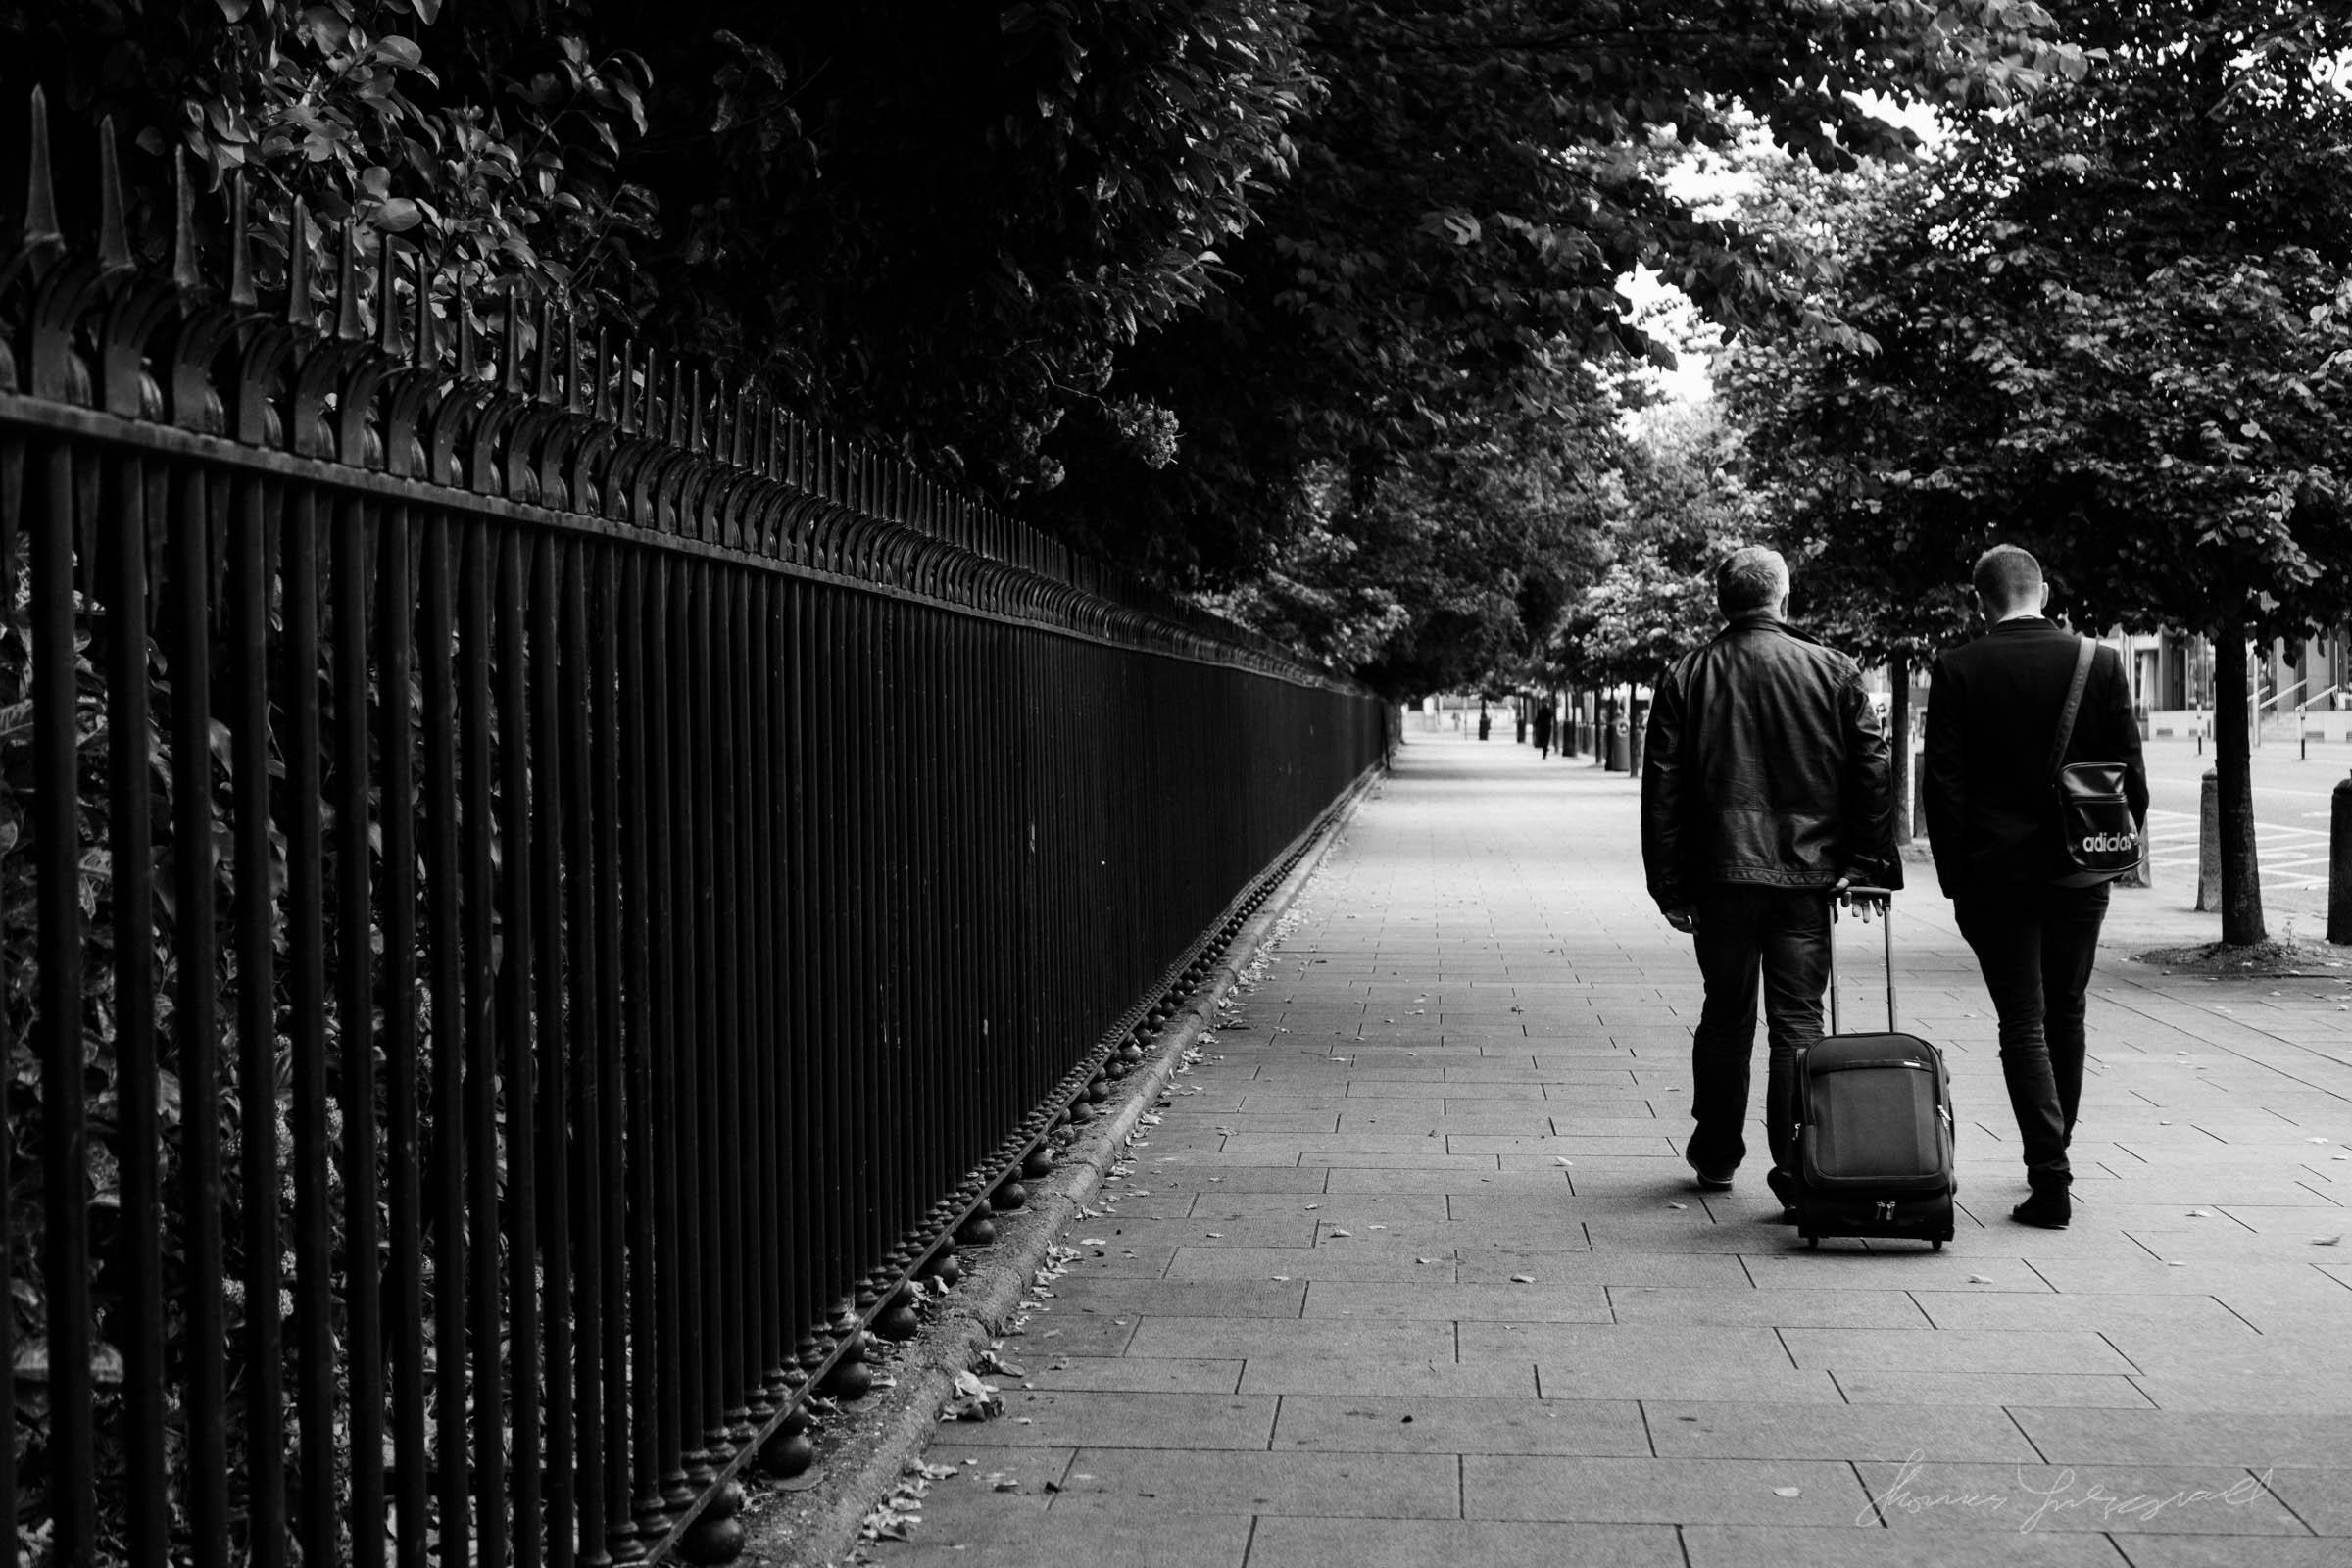 Street-Photo-Diary-No-6-BW-Dublin-10.jpg